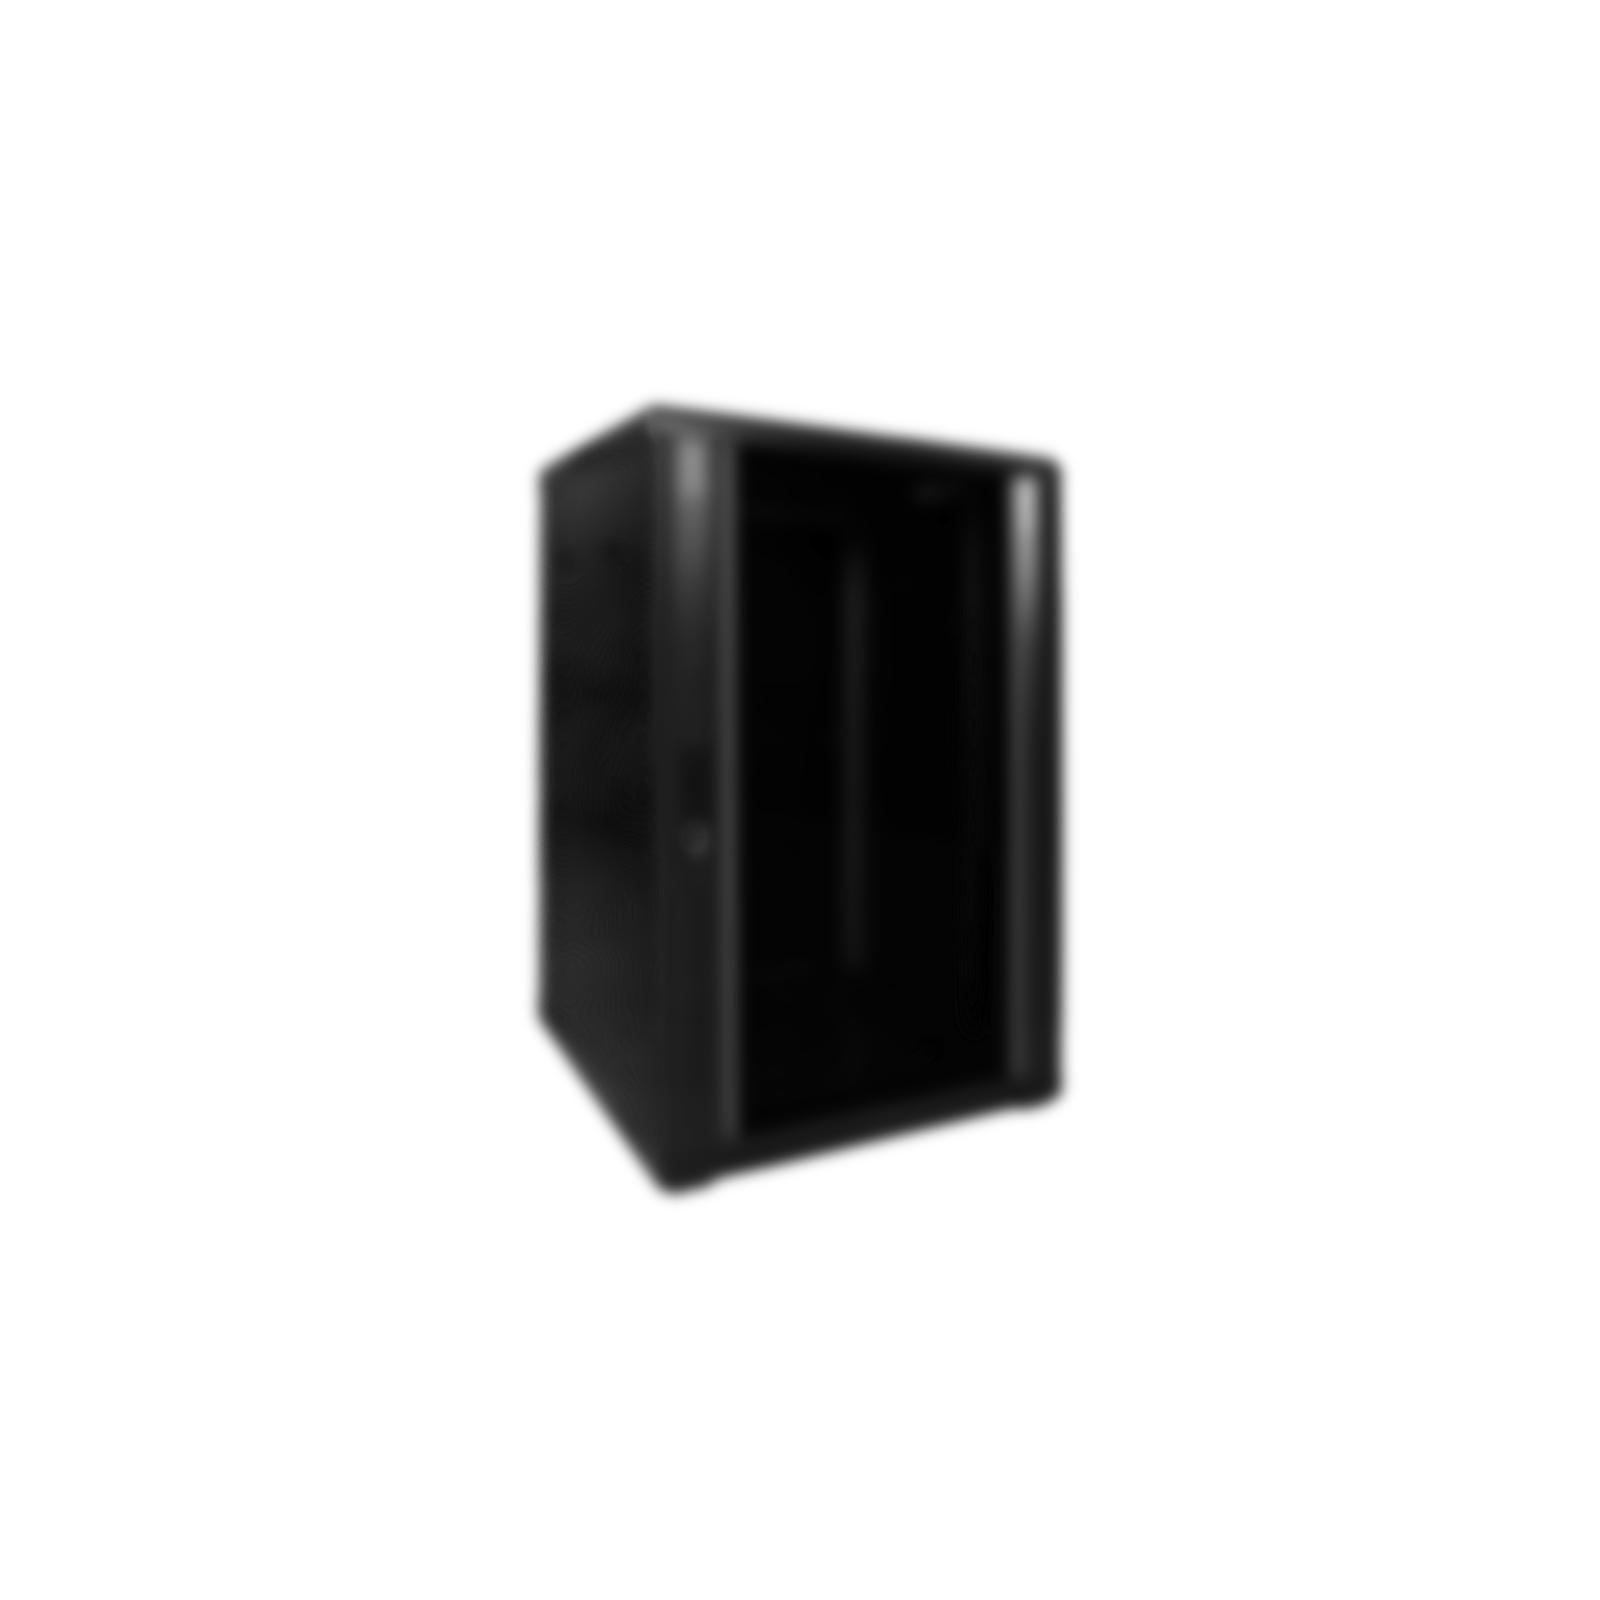 Afbeelding van 19 inch cover panel - 4U